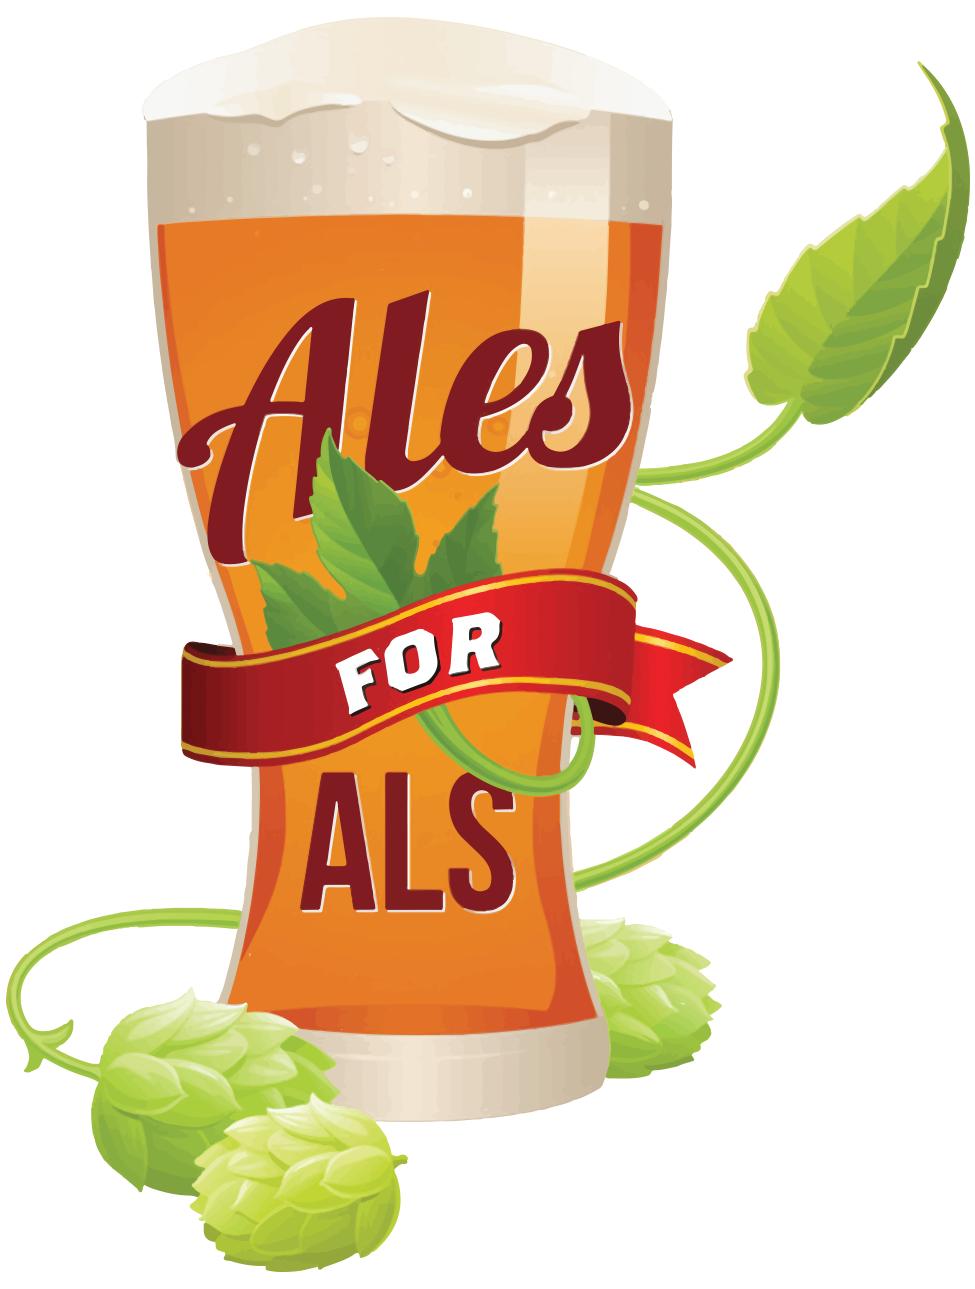 Ales-for-ALS-logo